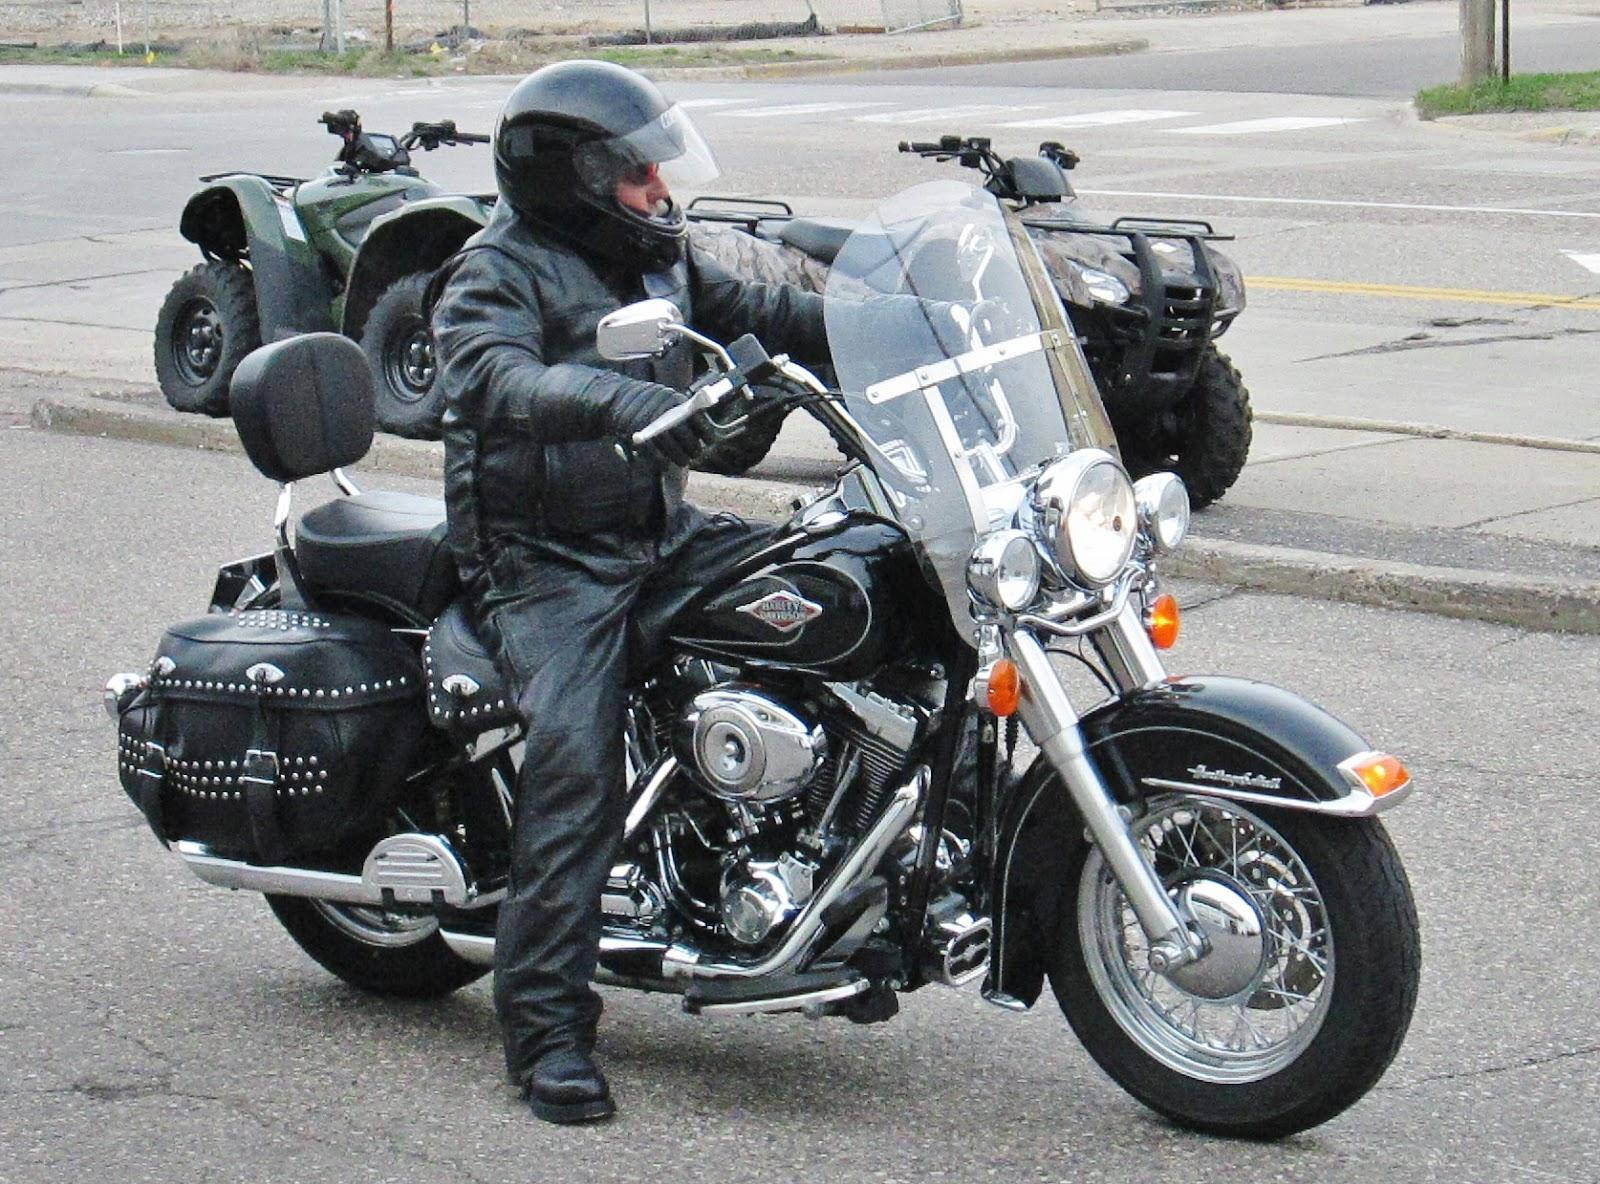 Eaglerider Motorcycle Rental Minneapolis St Paul Minnesota Harley Davidson Heritage Softail Clic Week End